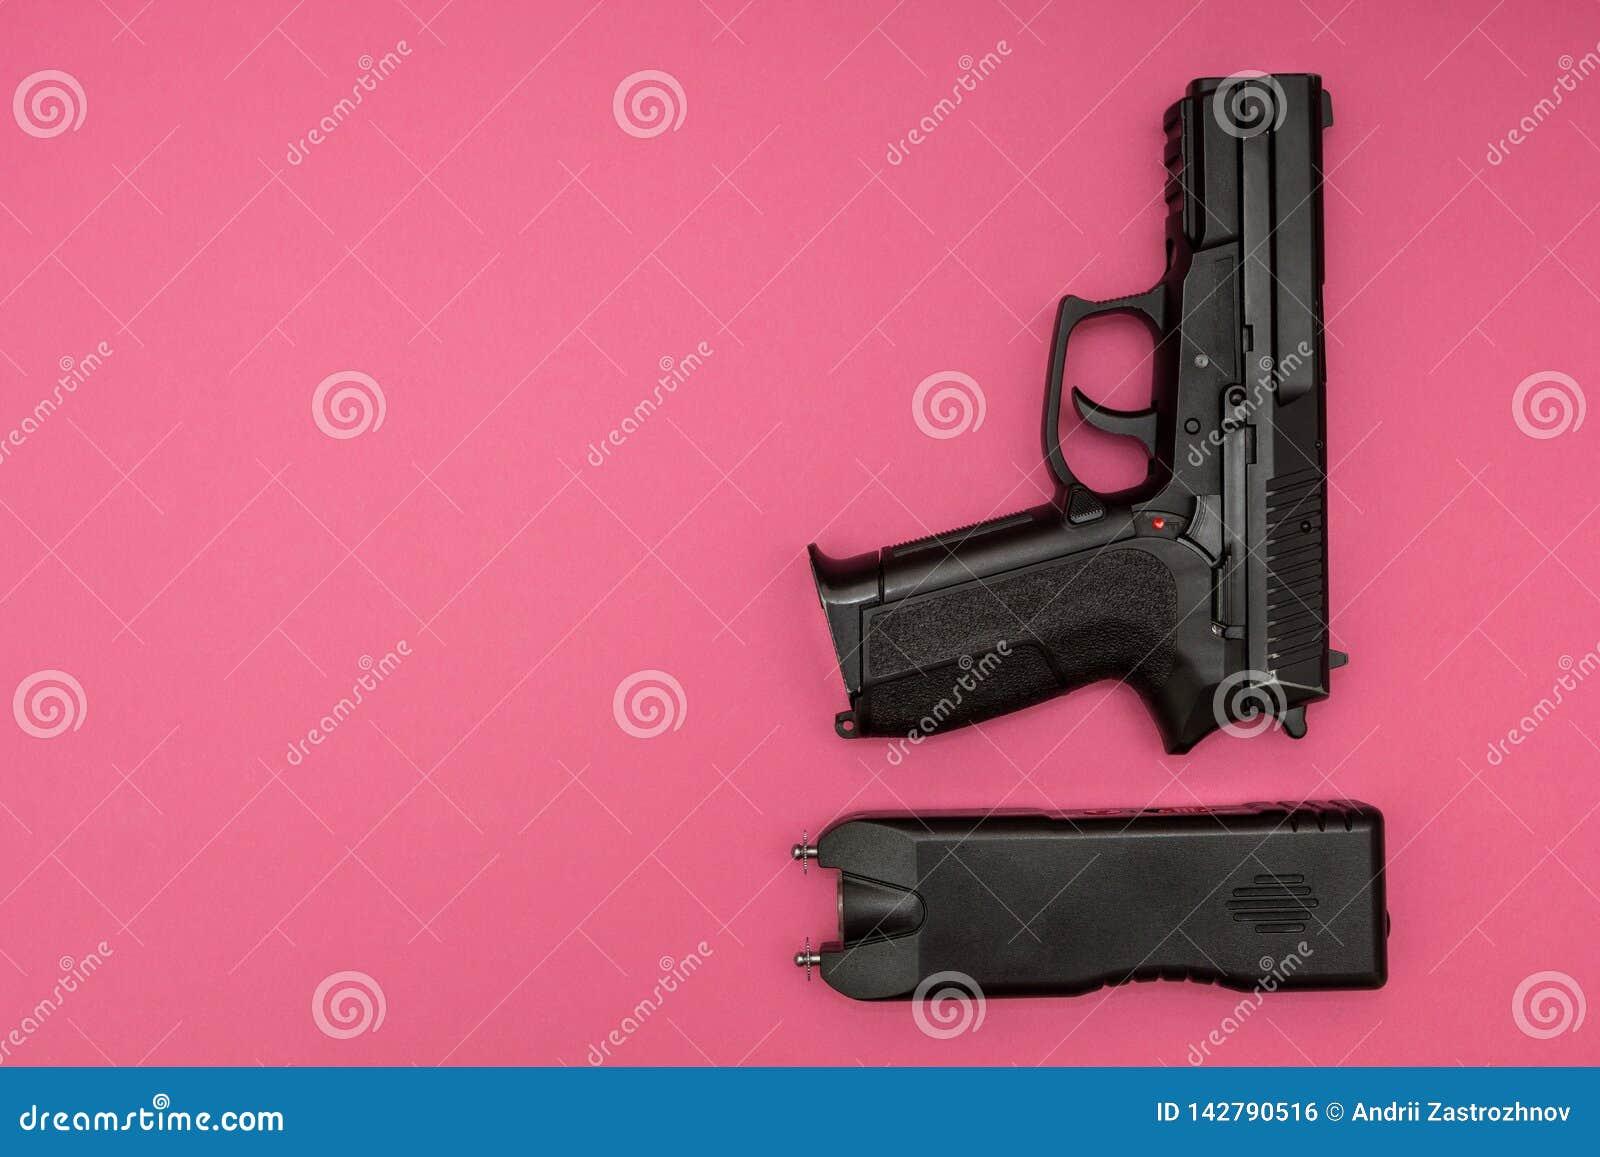 Pistole su un fondo rosa, applicazione di legge